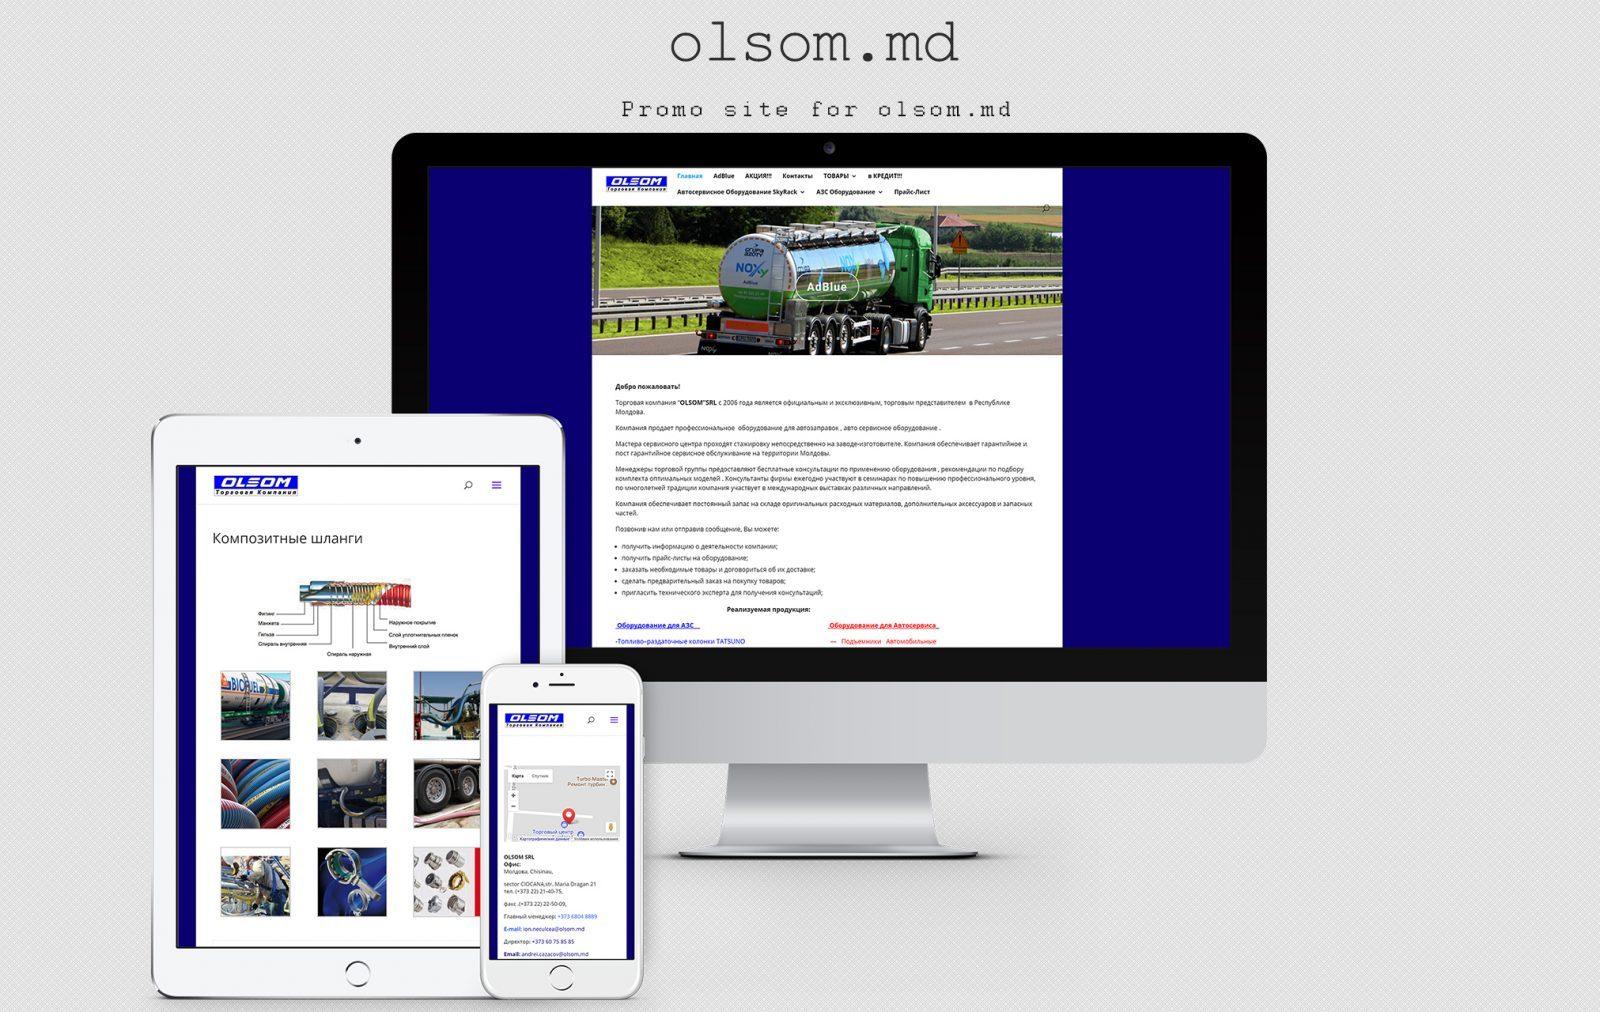 Сайт торговой компании Olsom